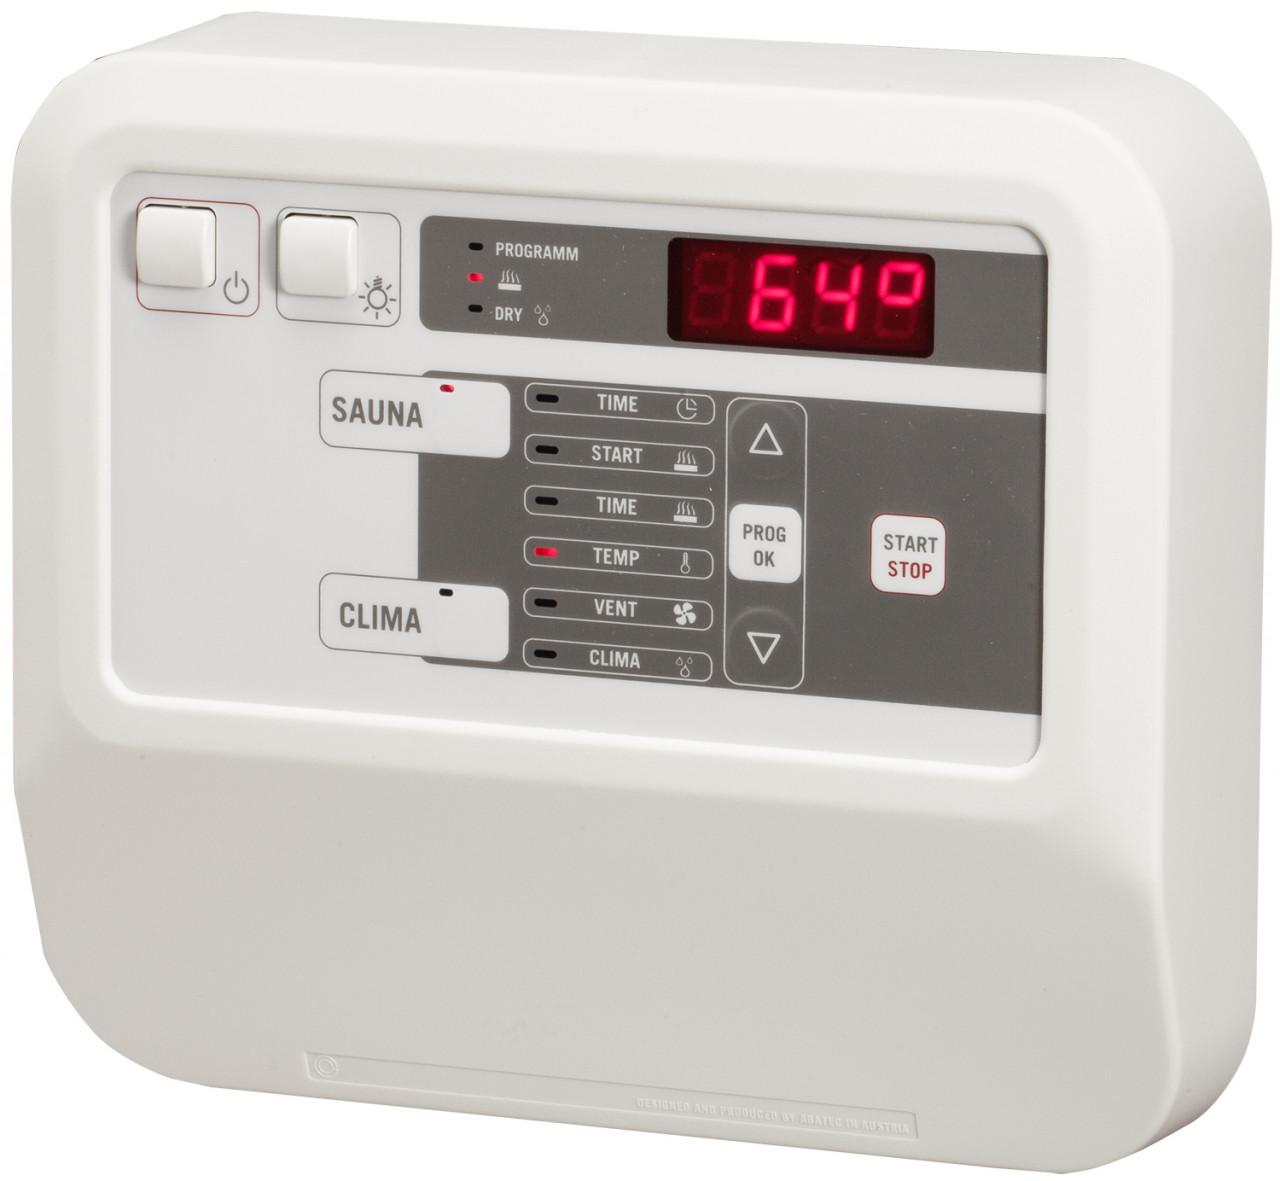 Sentiotec CK31 saunabesturing voor combi ovens - professioneel gebruik